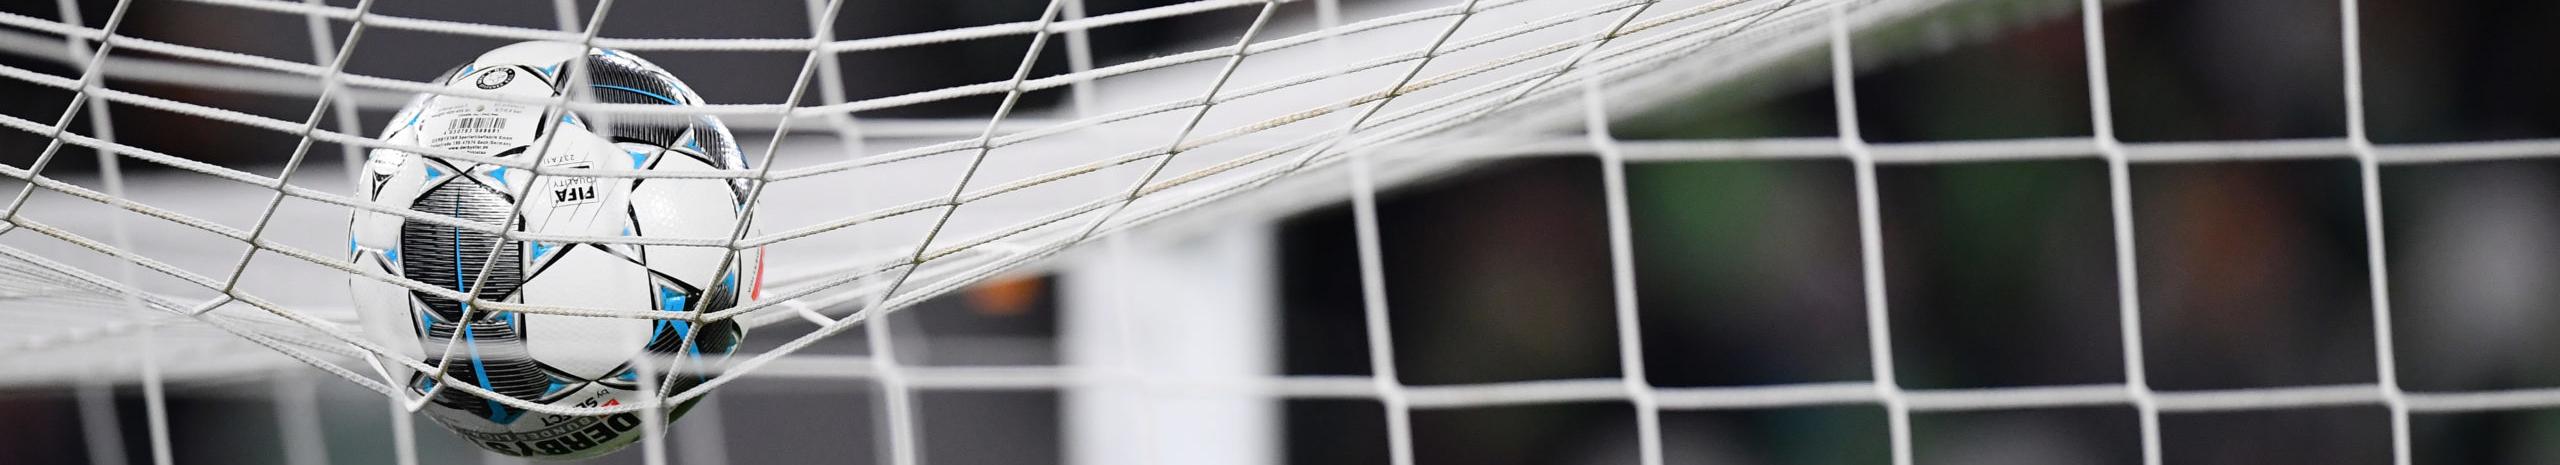 FC Isloch-FC Smolevichi: per gli ospiti, neopromossi, il colpaccio è proibitivo